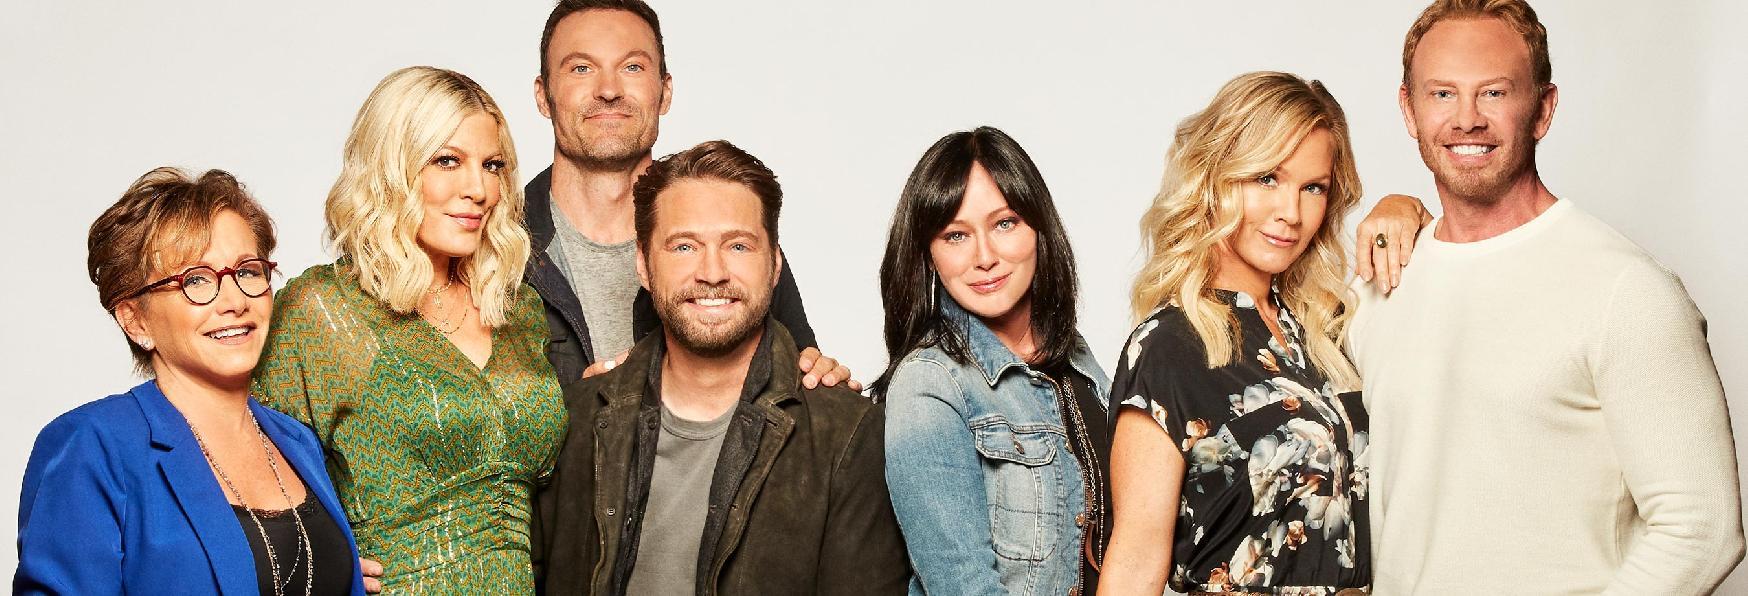 90210, un Nuovissimo Teaser Trailer del Revival di Beverly Hills